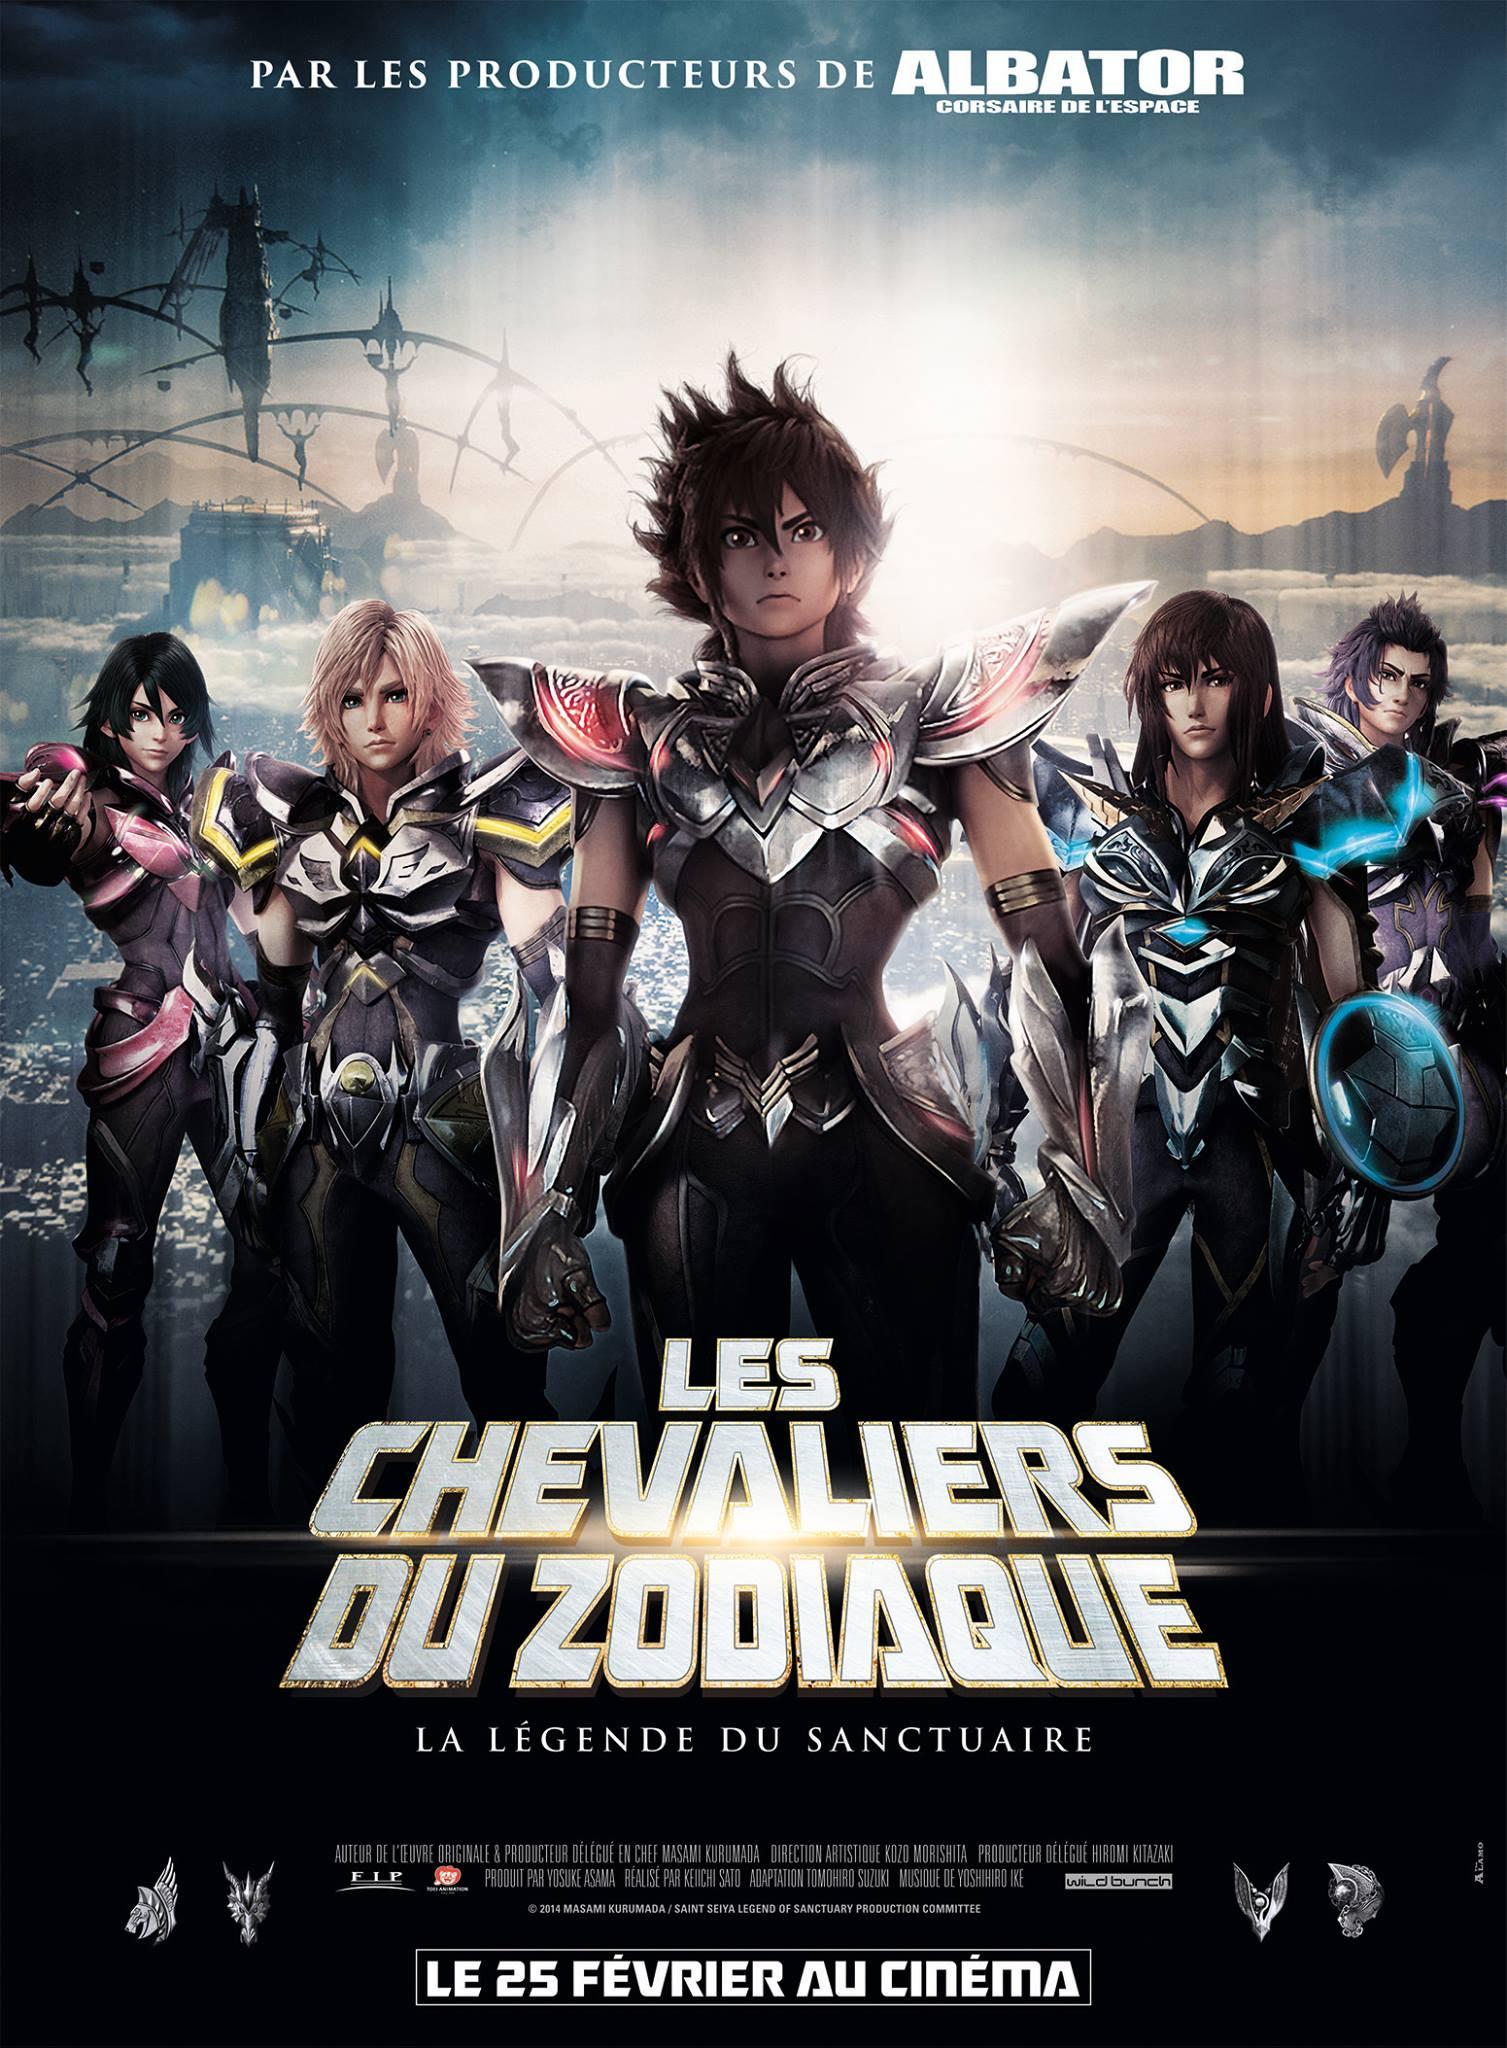 Les Chevaliers du Zodiaque - La légende du Sanctuaire Affiche fr